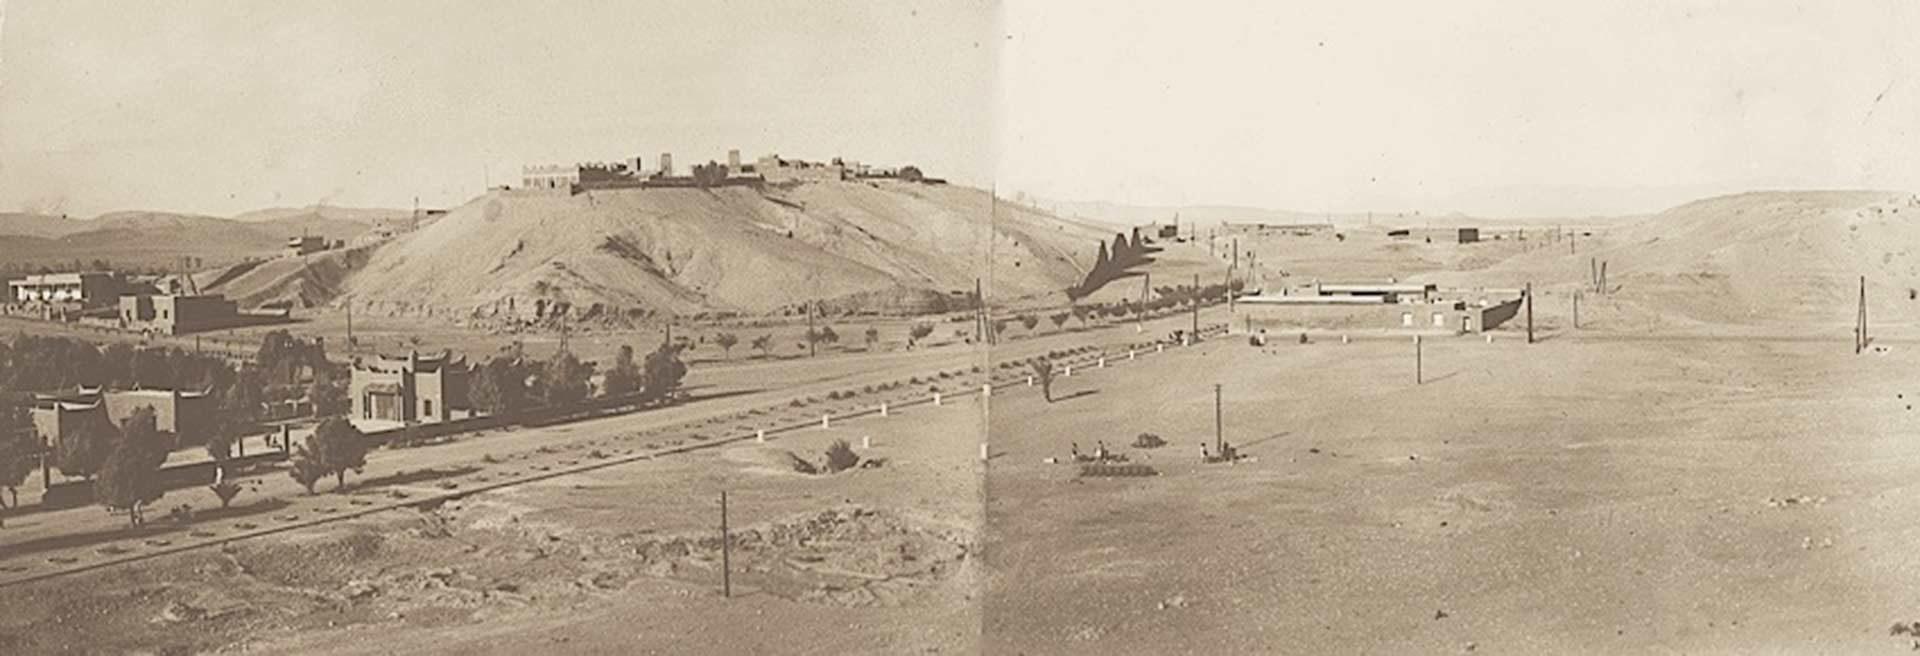 La piste d'autrefois est devenue l'avenue Mohamed V au coeur de Ouarzazate